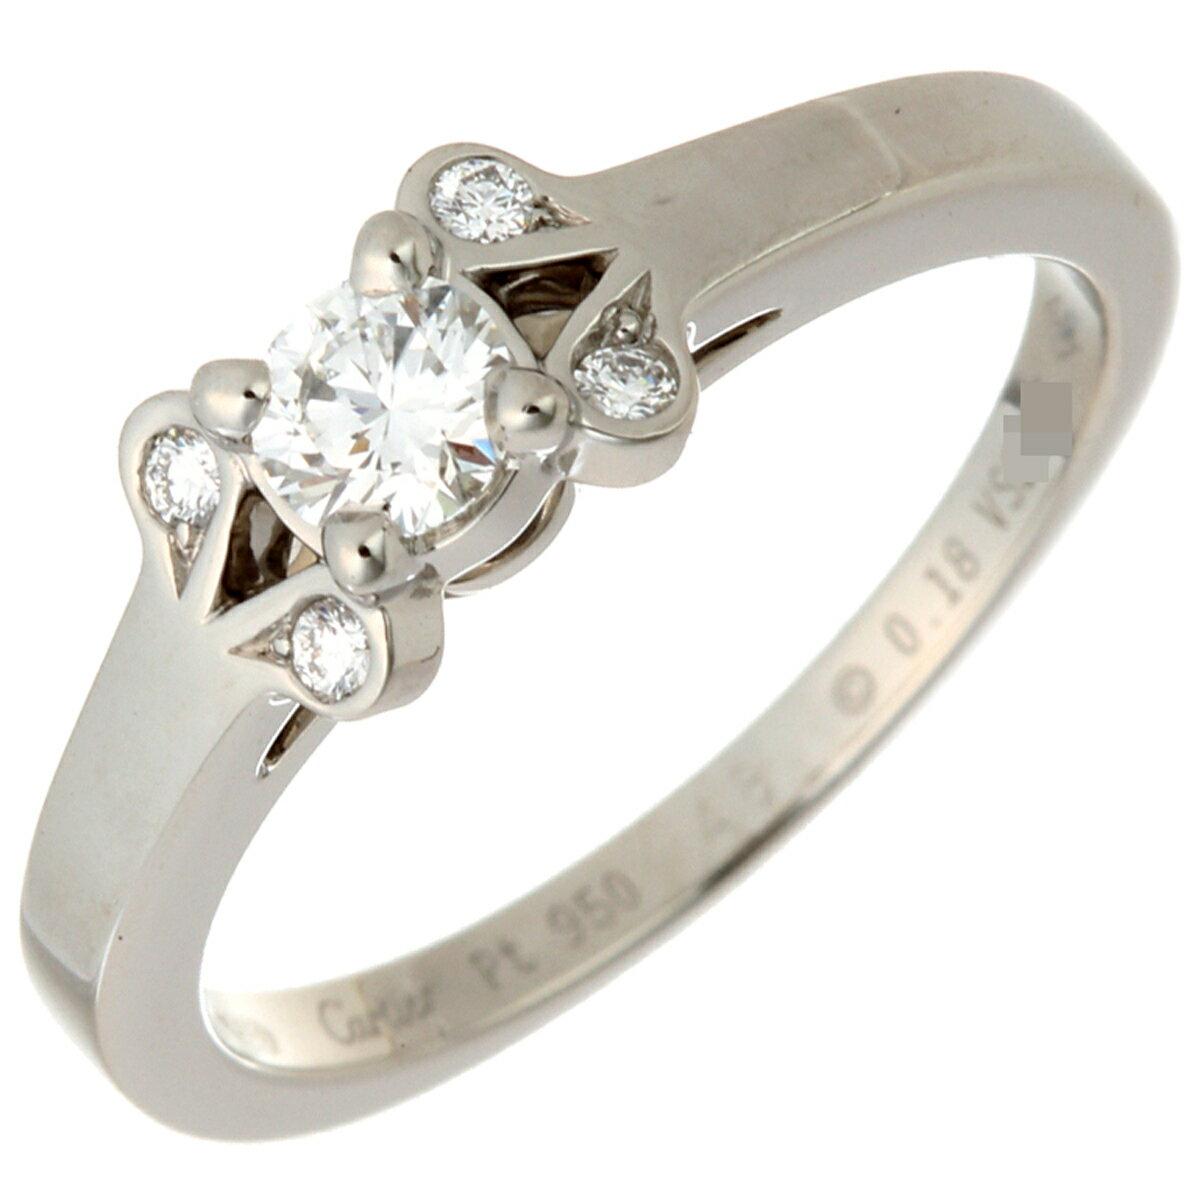 purchase cheap 8dd13 5a66c 銀座店] CARTIER カルティエ バレリーナ 0.18ct ダイヤモンド ...